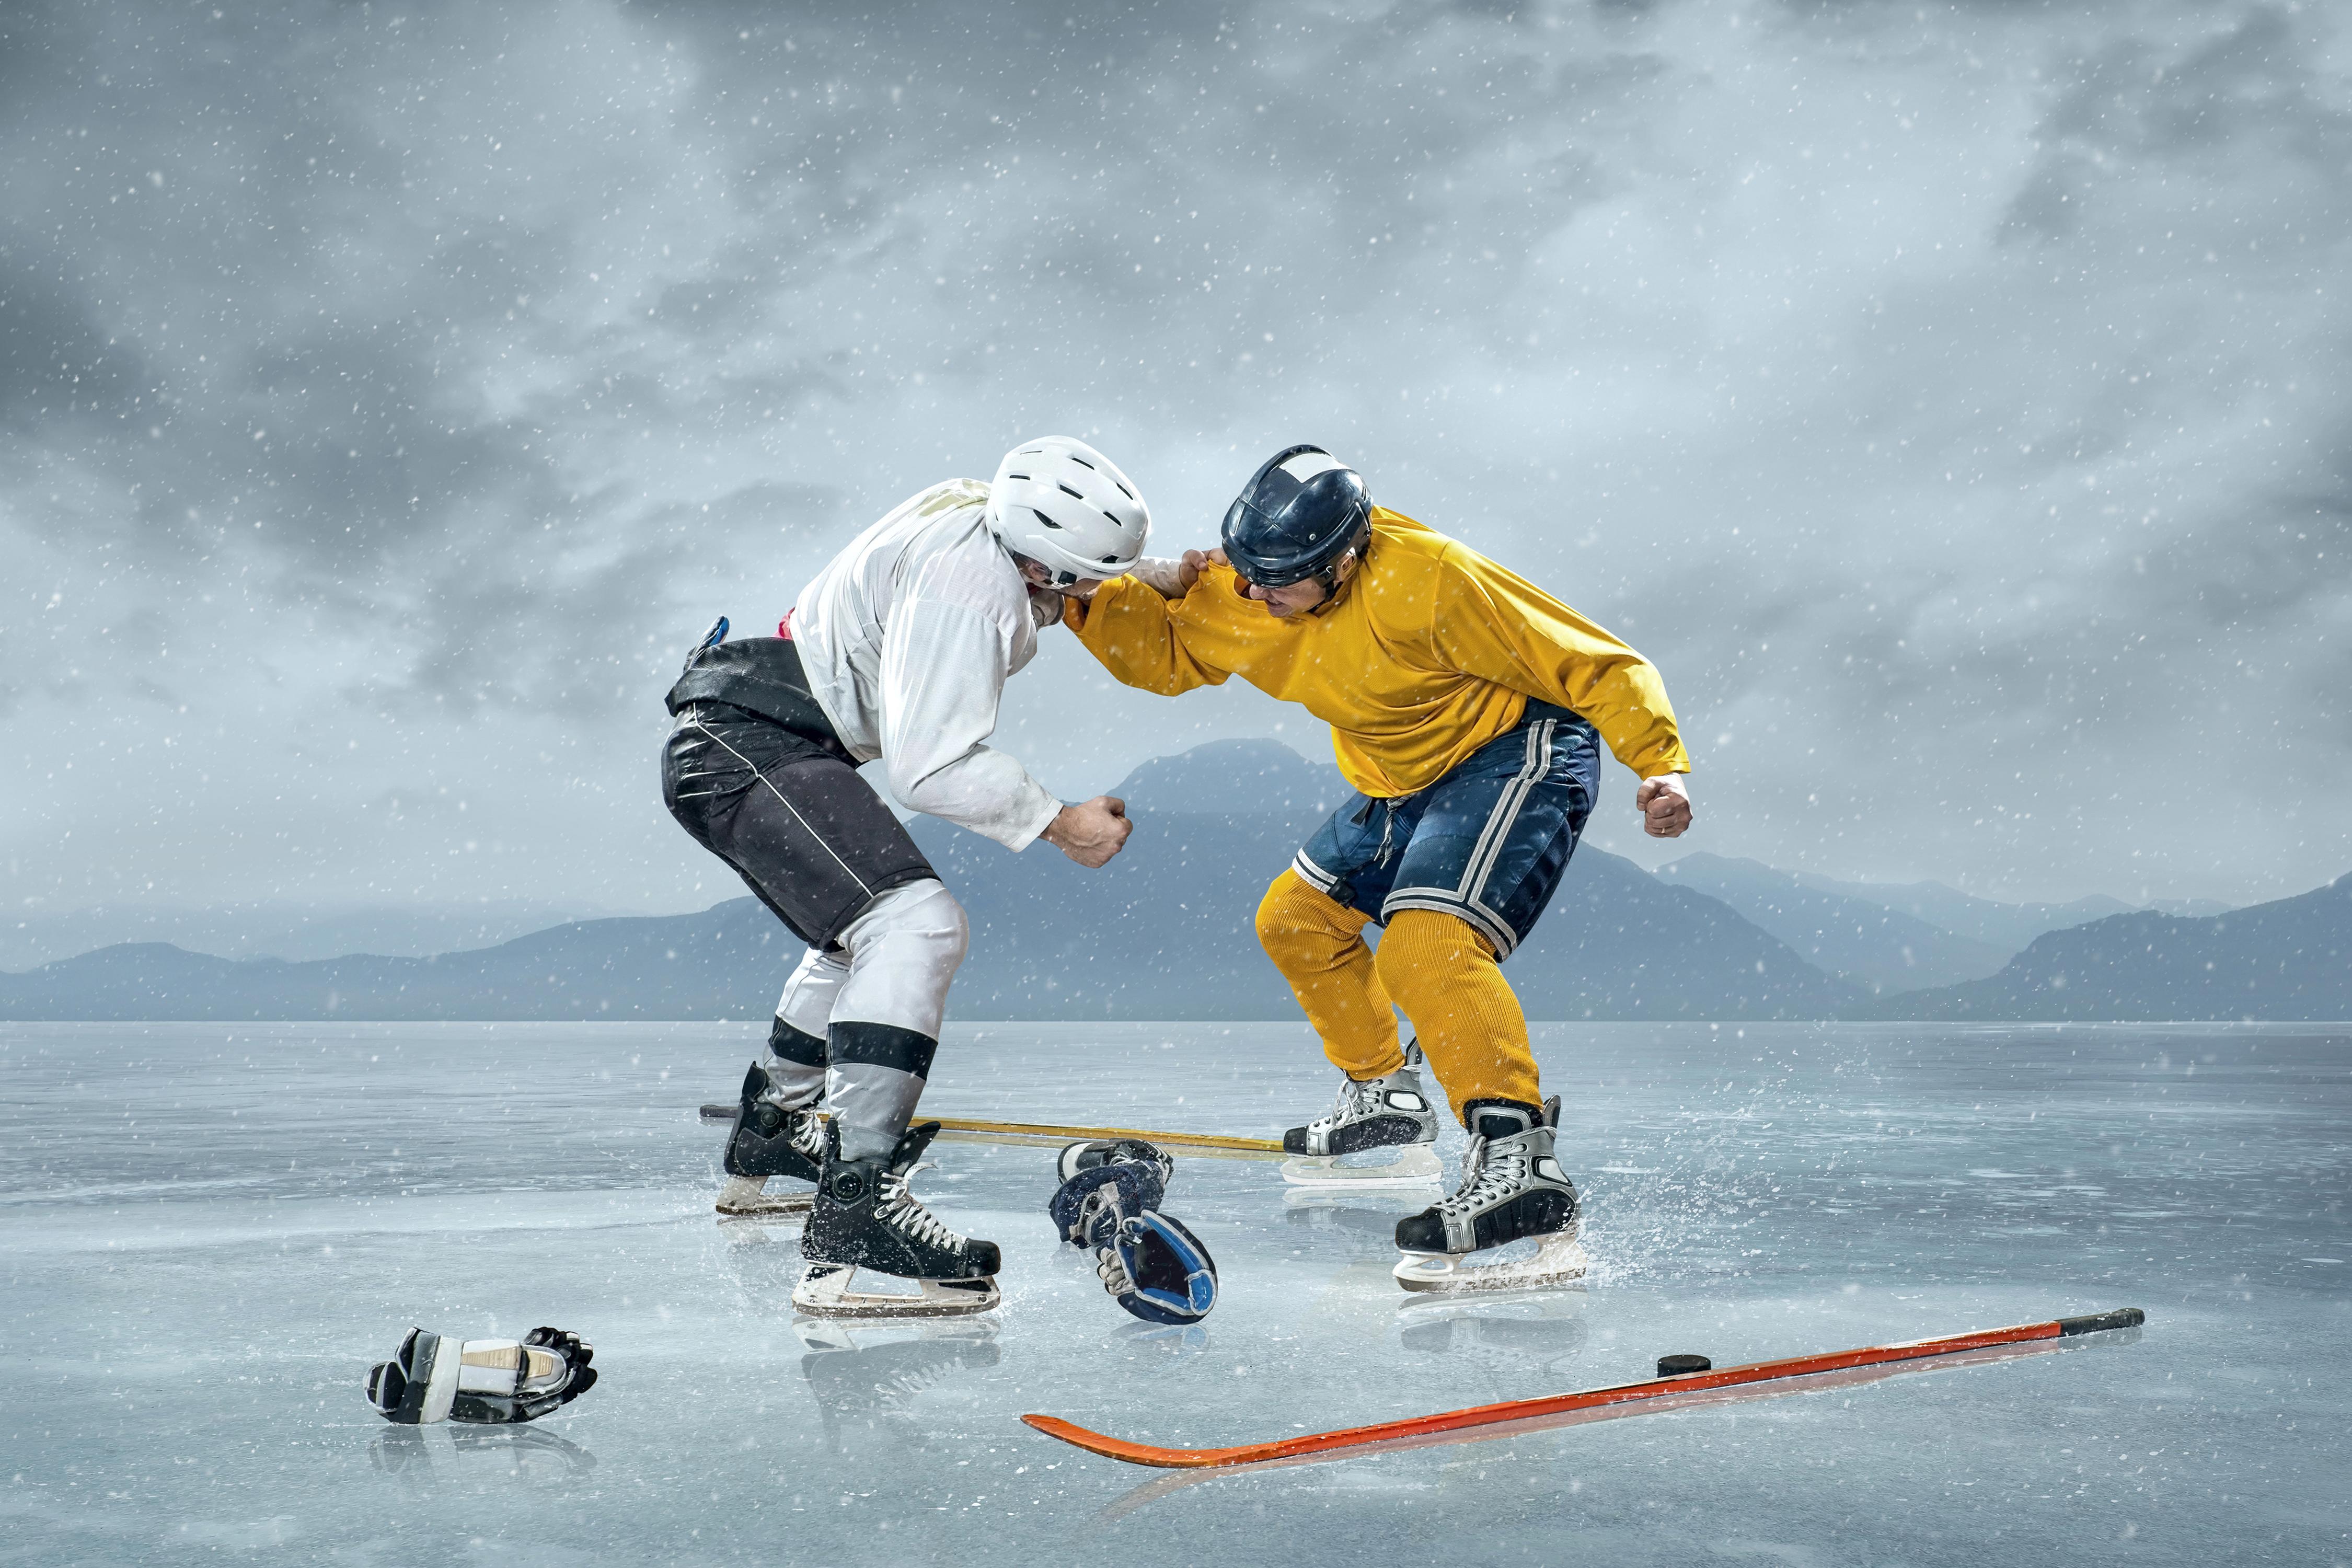 Bilder Helm Mann Eis Zwei Sport Schlägerei Hockey Uniform 4500x3000 2